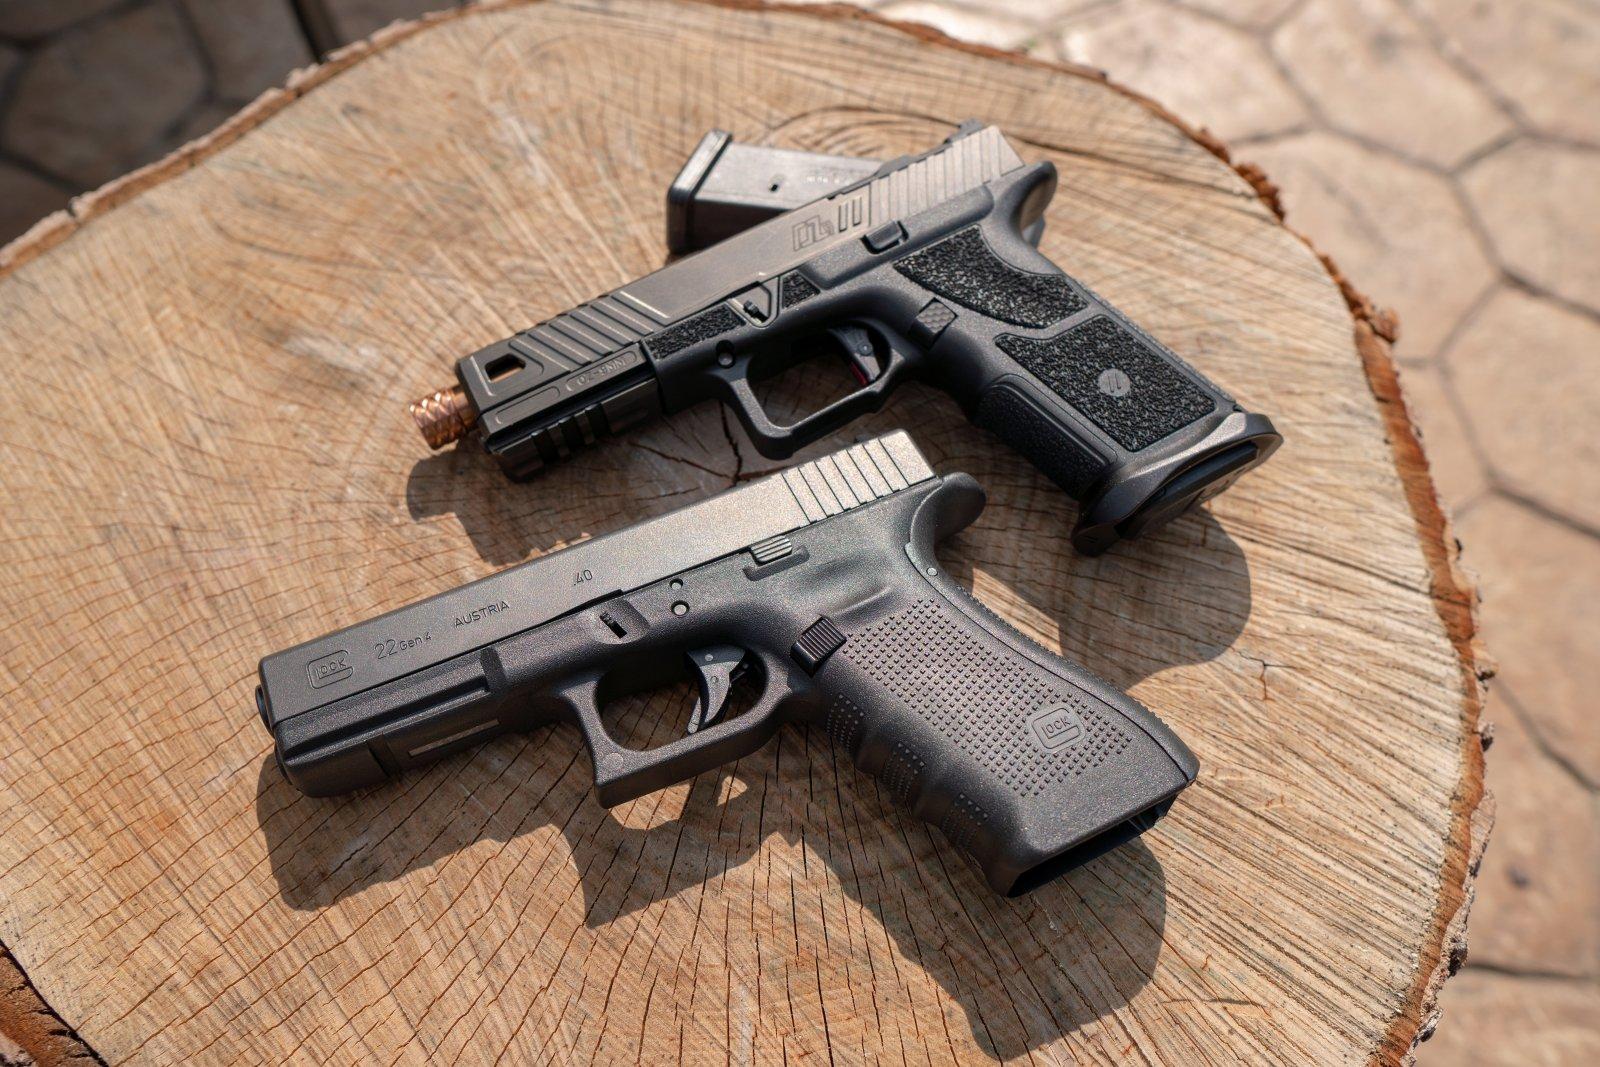 Zev OZ9 & Glock 22 Gen 4